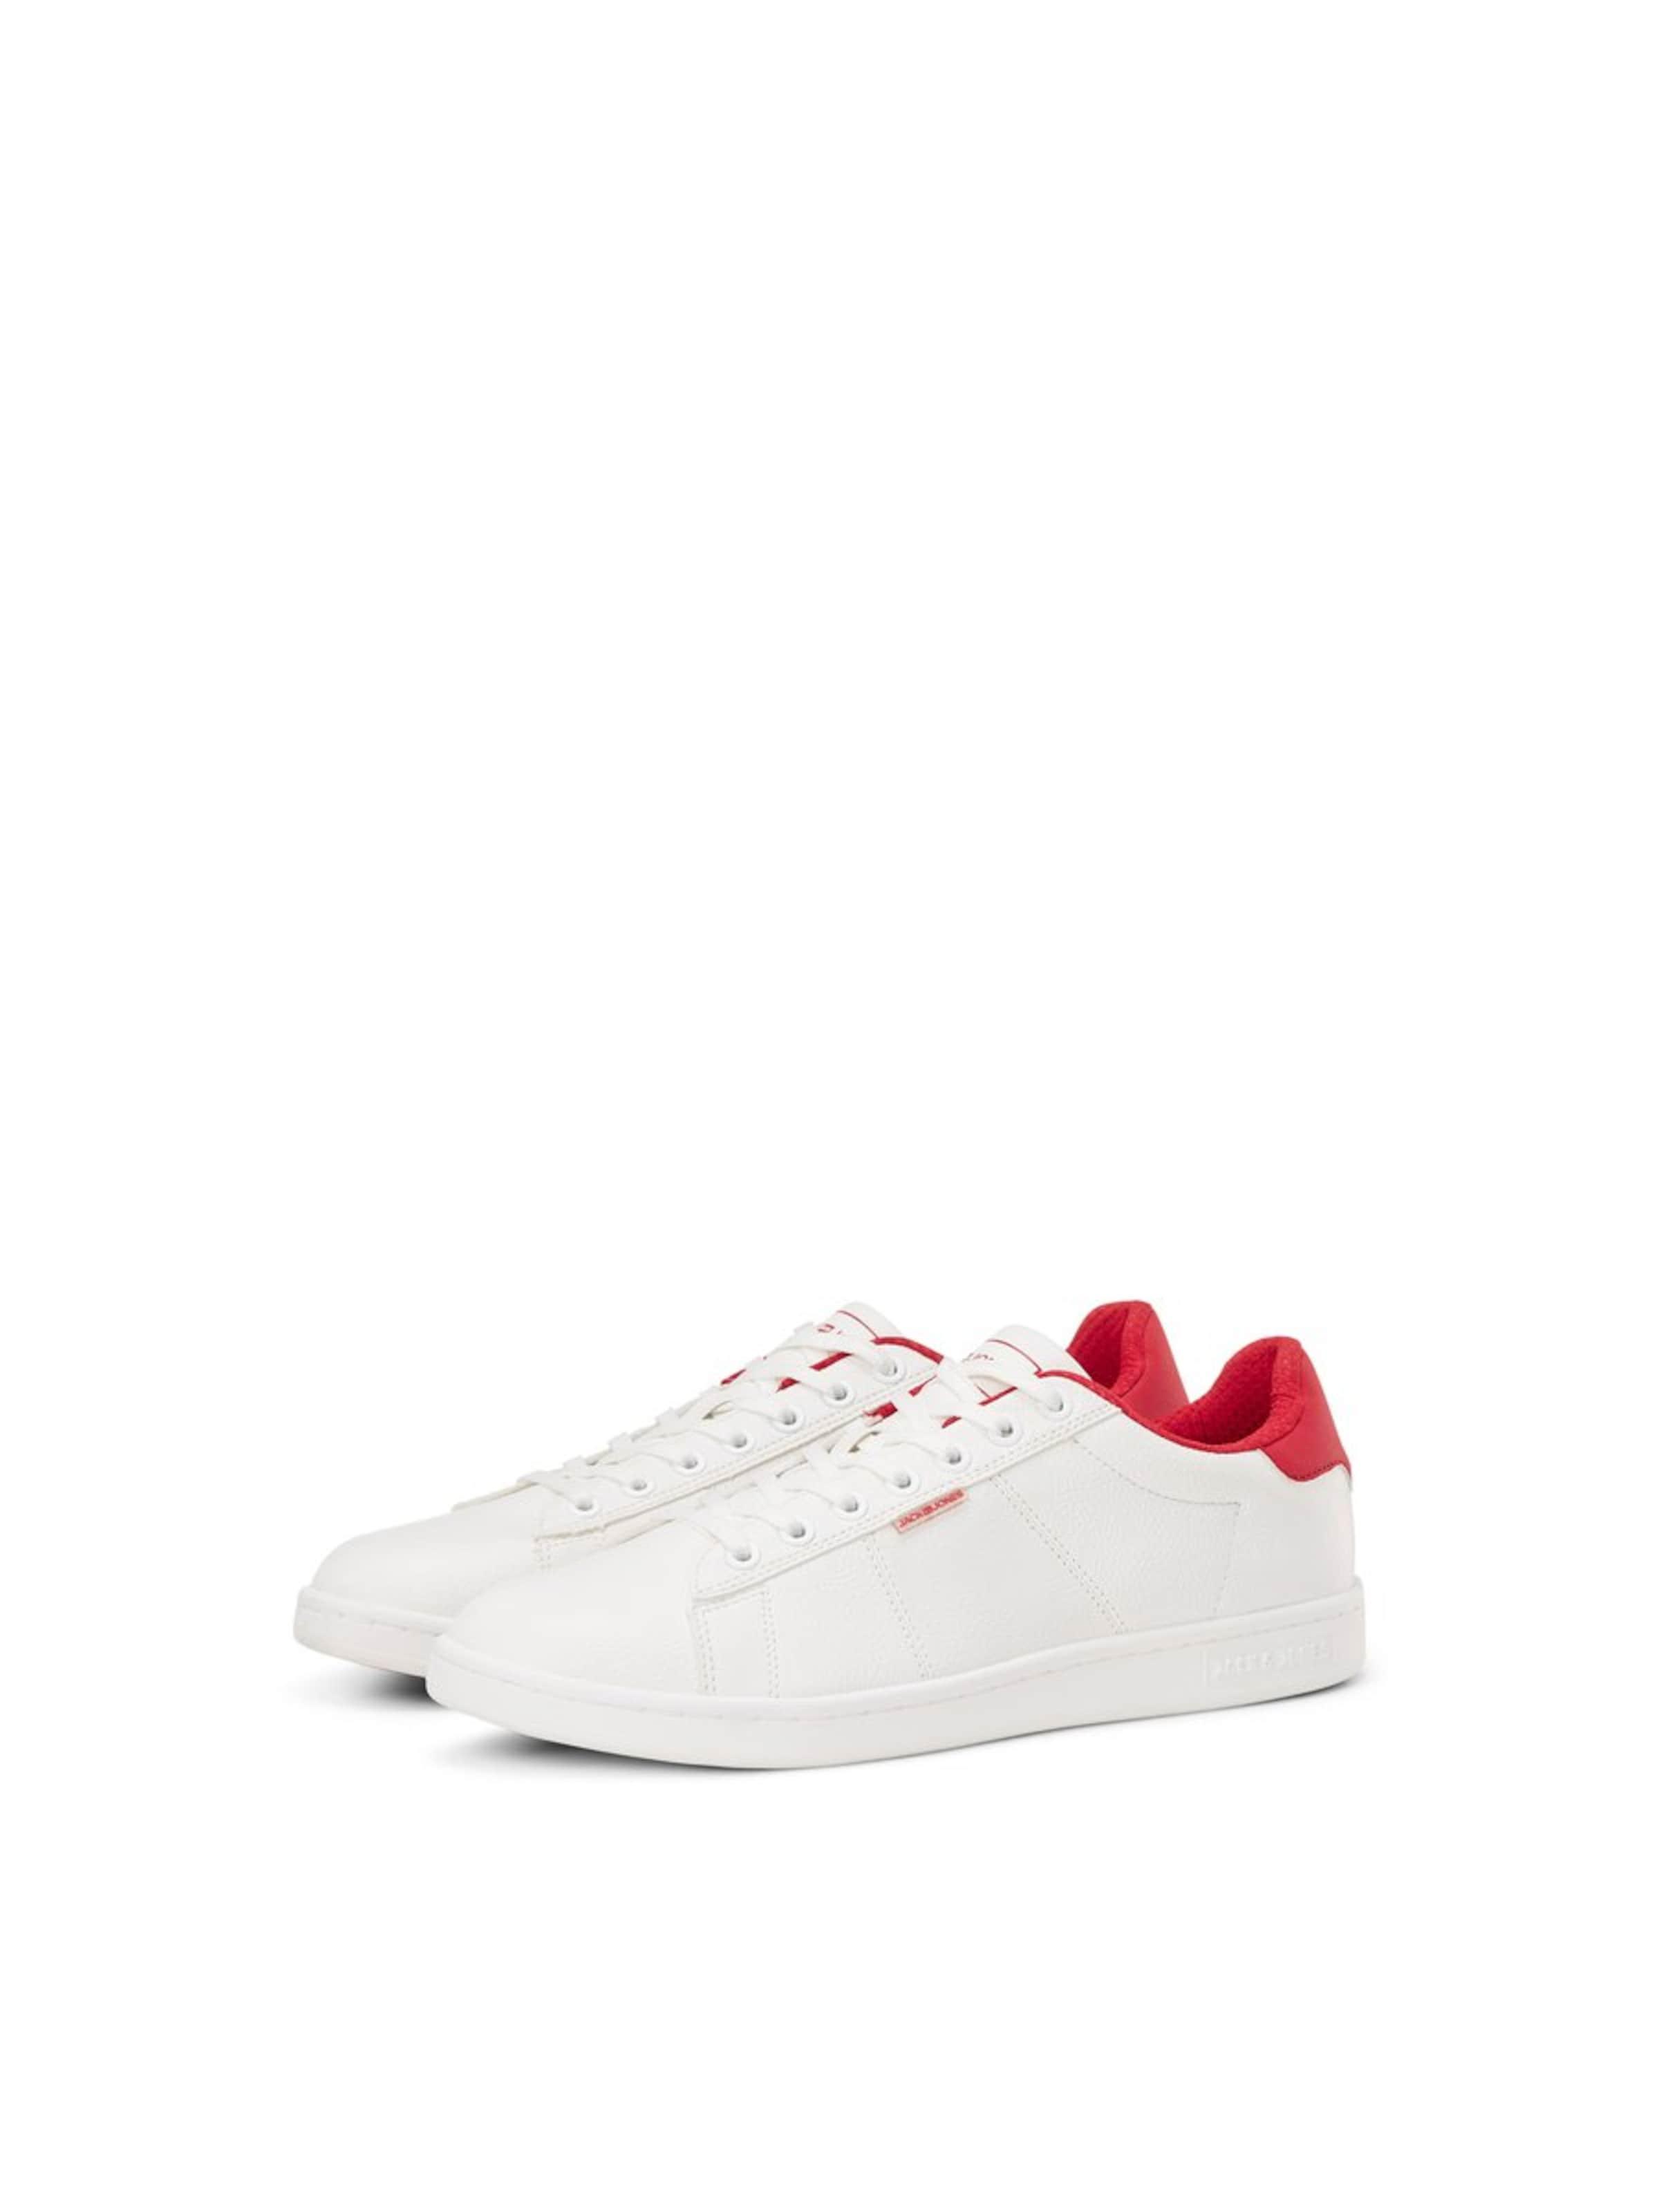 Jones Sneaker RotWeiß Jackamp; Sneaker RotWeiß Jones Jackamp; Jones Sneaker Jackamp; In In nk0O8wP